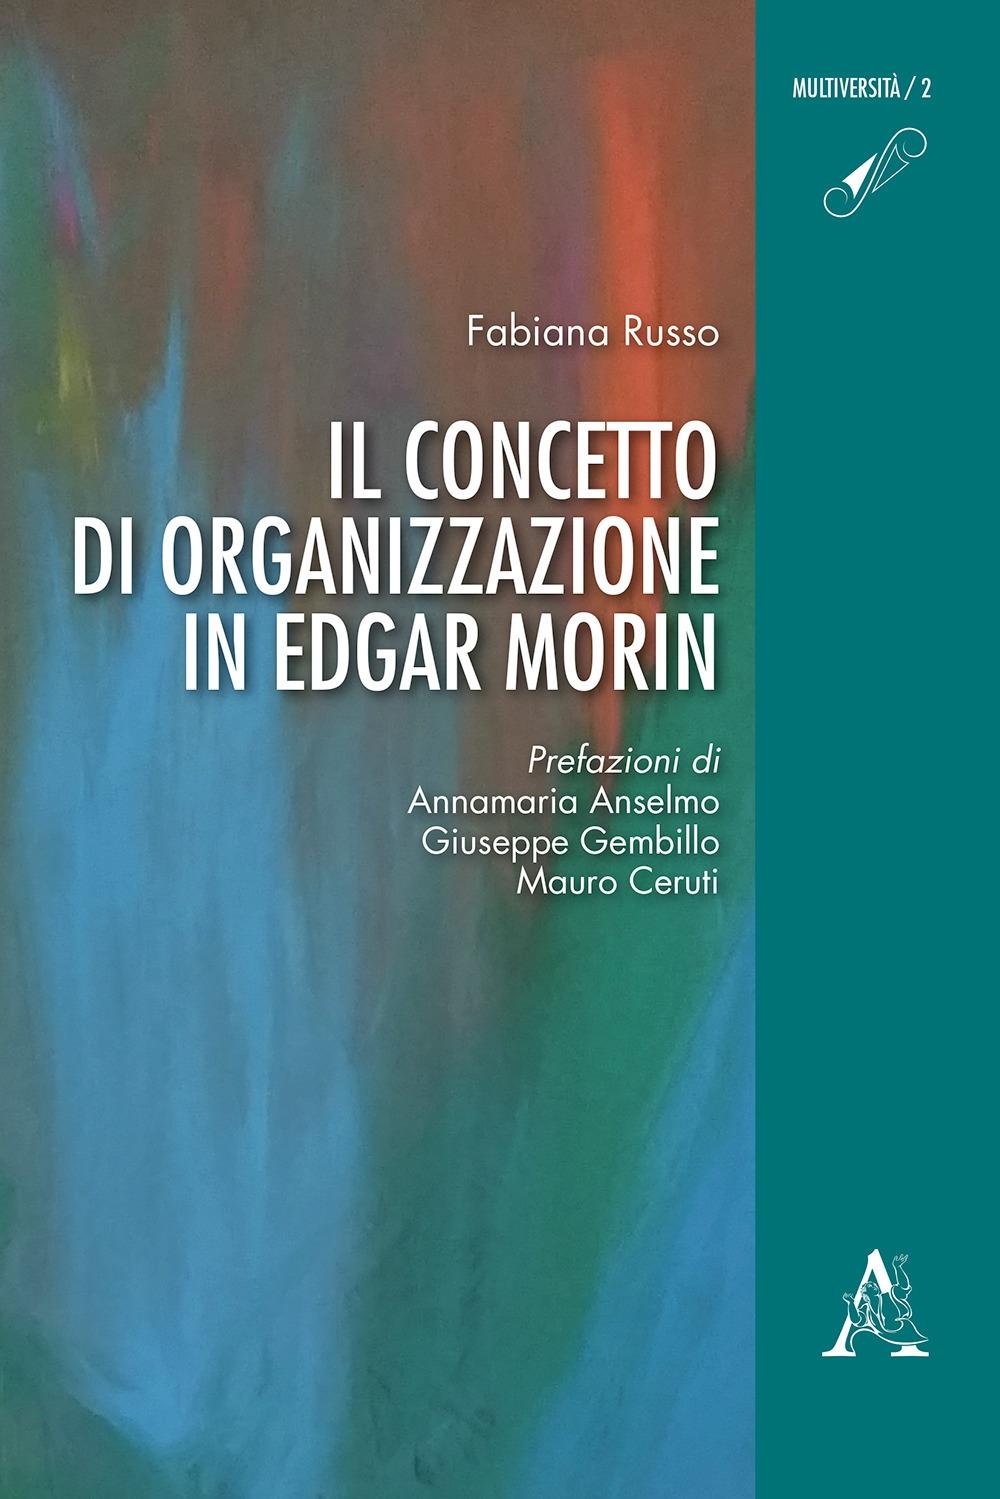 Il concetto di organizzazione in Edgar Morin